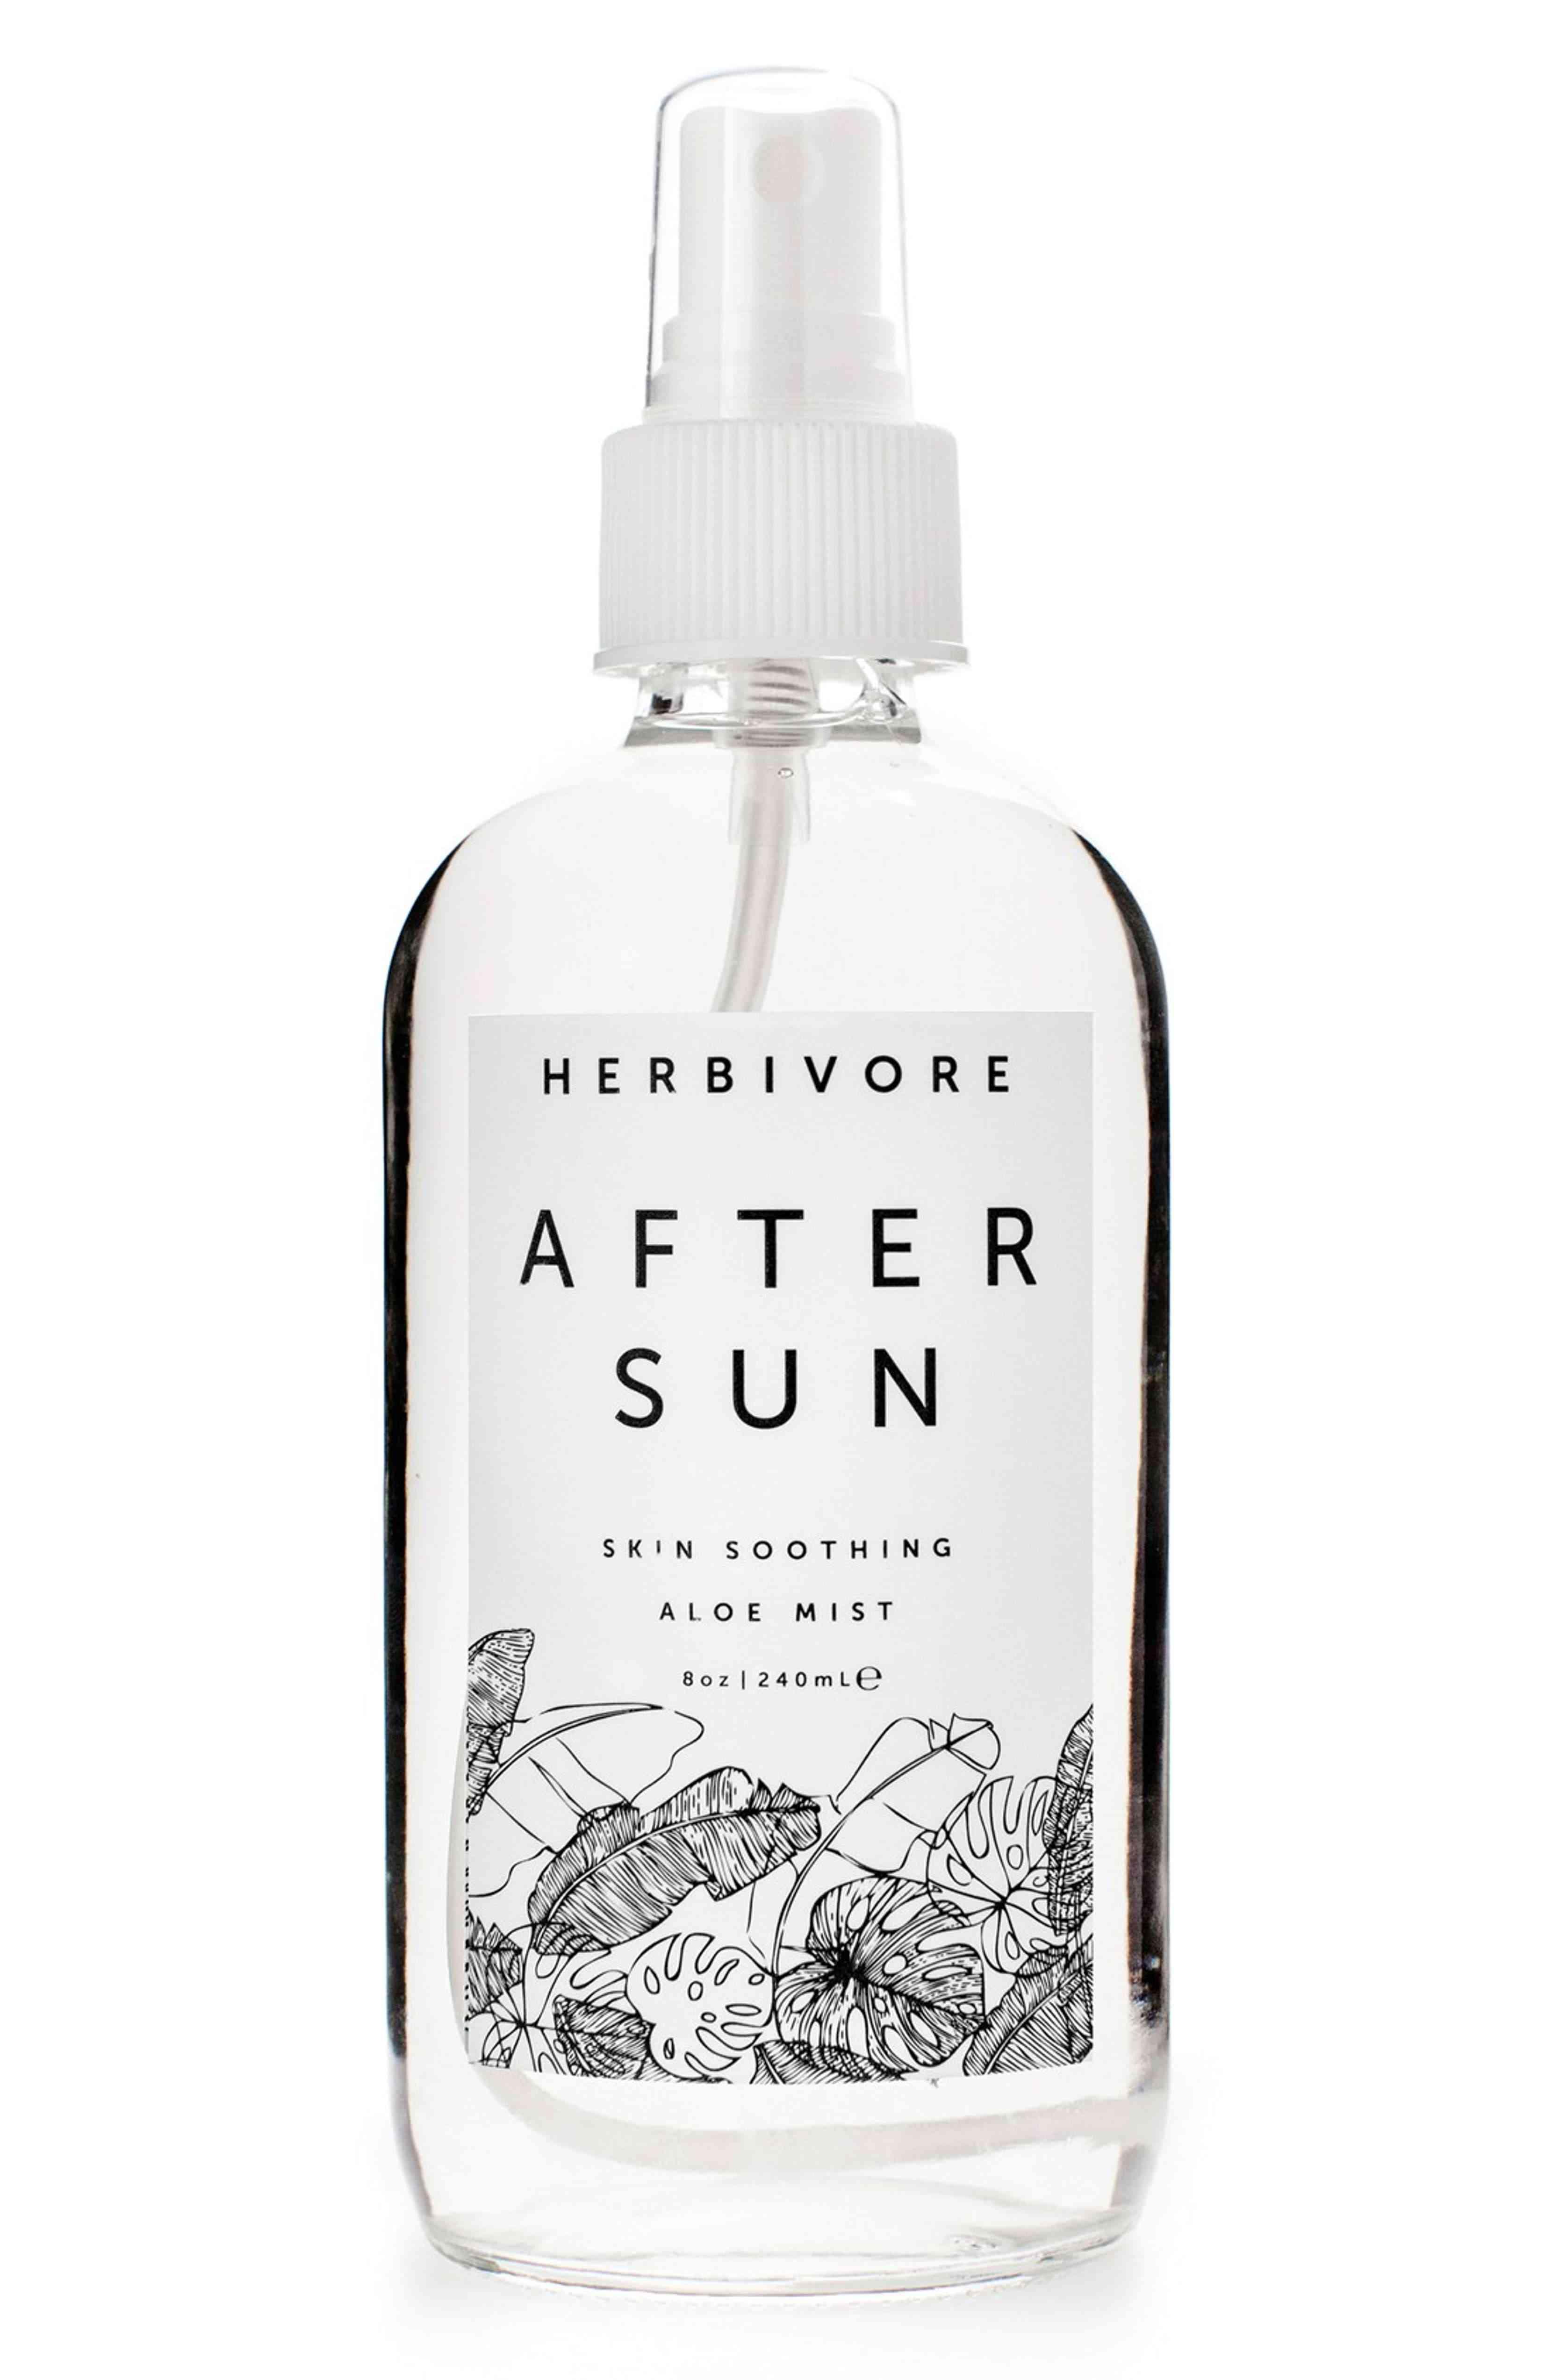 herbivore botanicals after sun spray